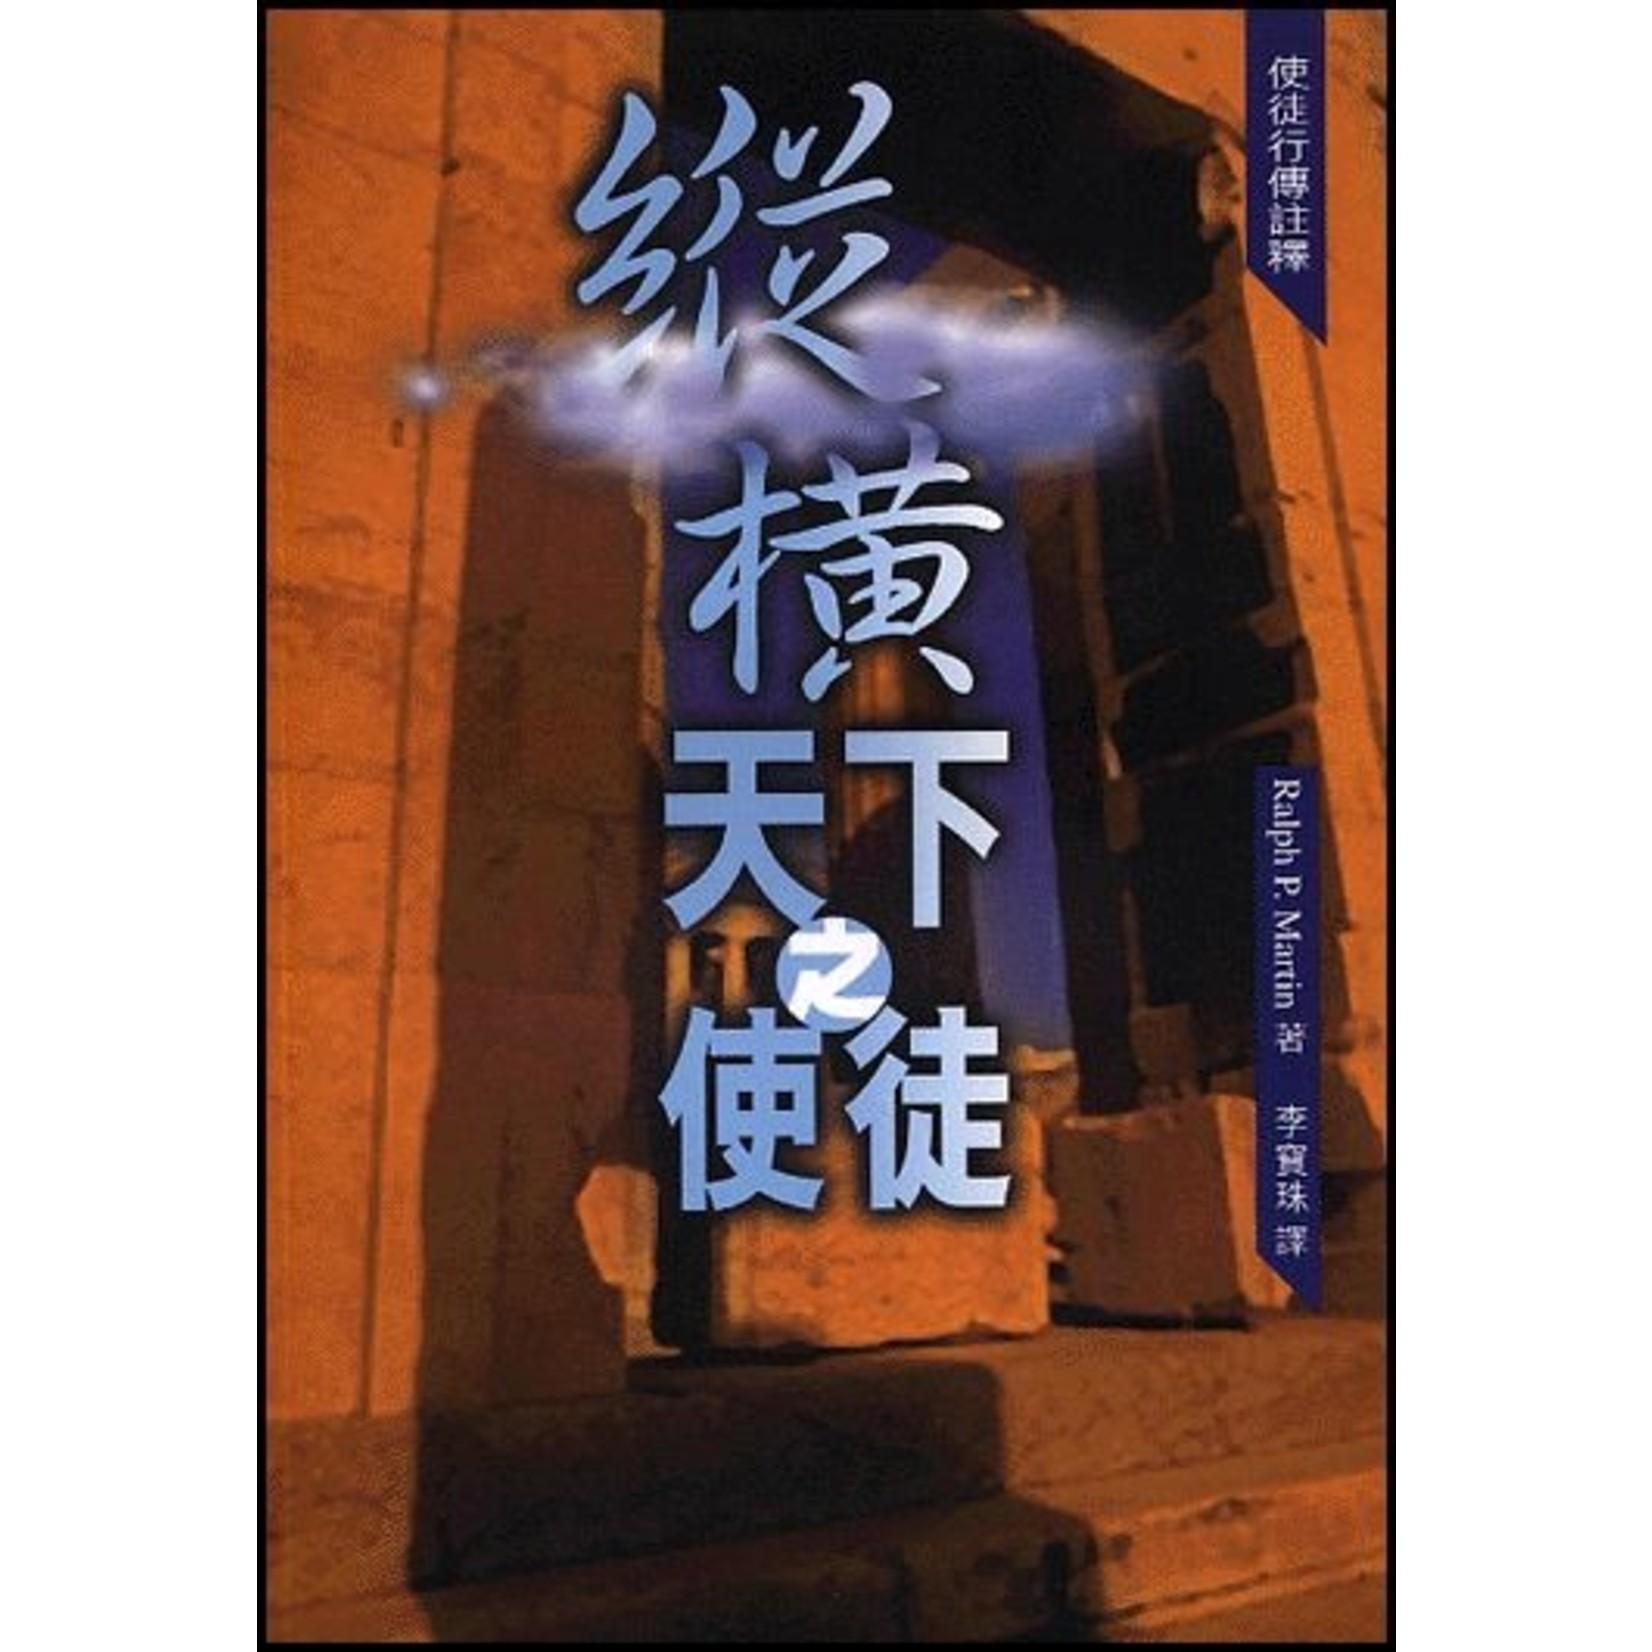 台福傳播中心 Evangelical Formosan Church Communication Center 縱橫天下之使徒:使徒行傳註釋